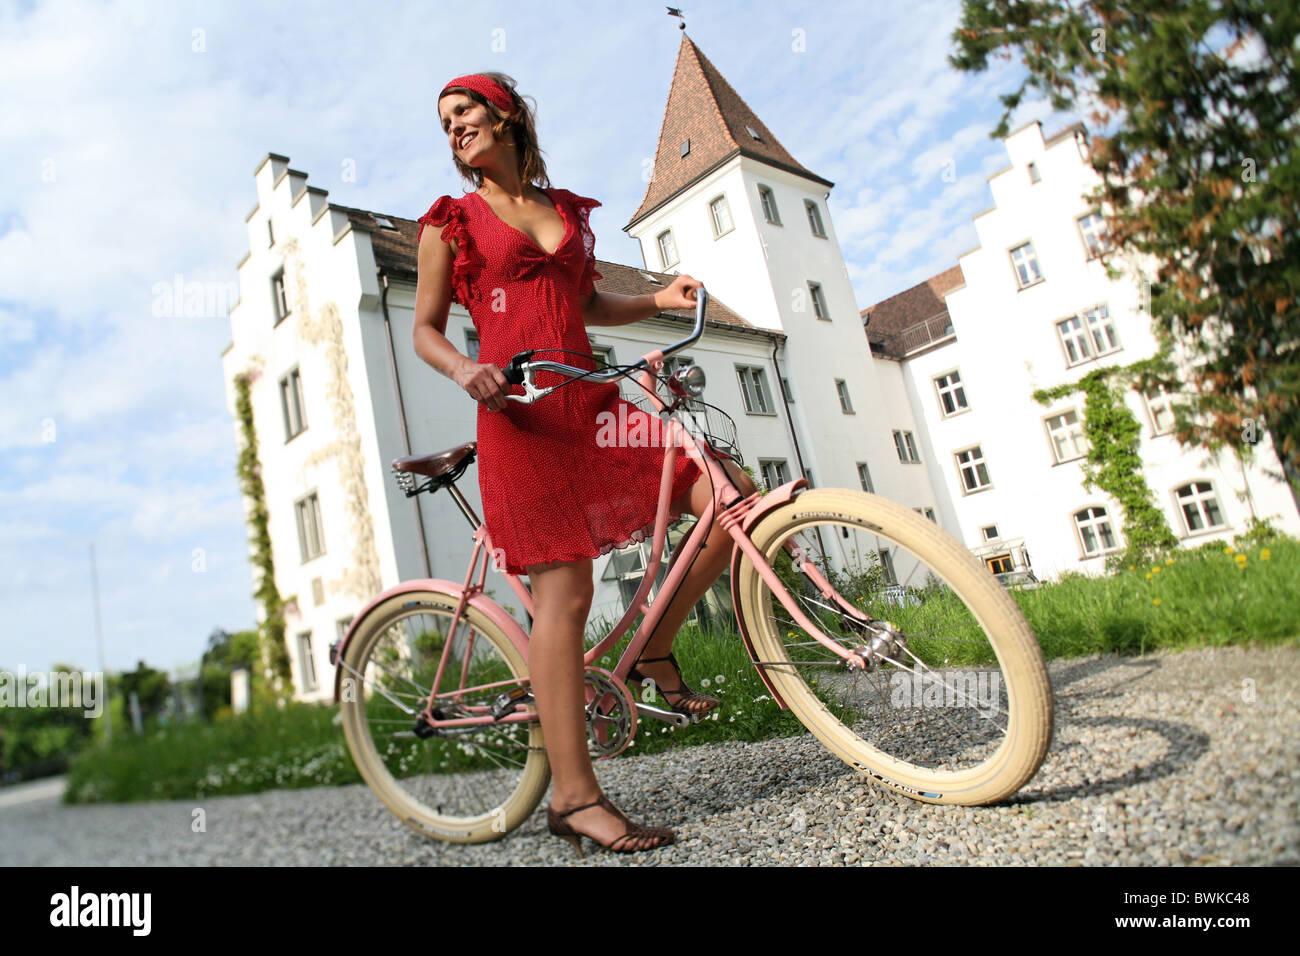 Retro bike fora mulher rir risos poças de montanha aluguer de bicicleta de montanha aluguer Imagens de Stock